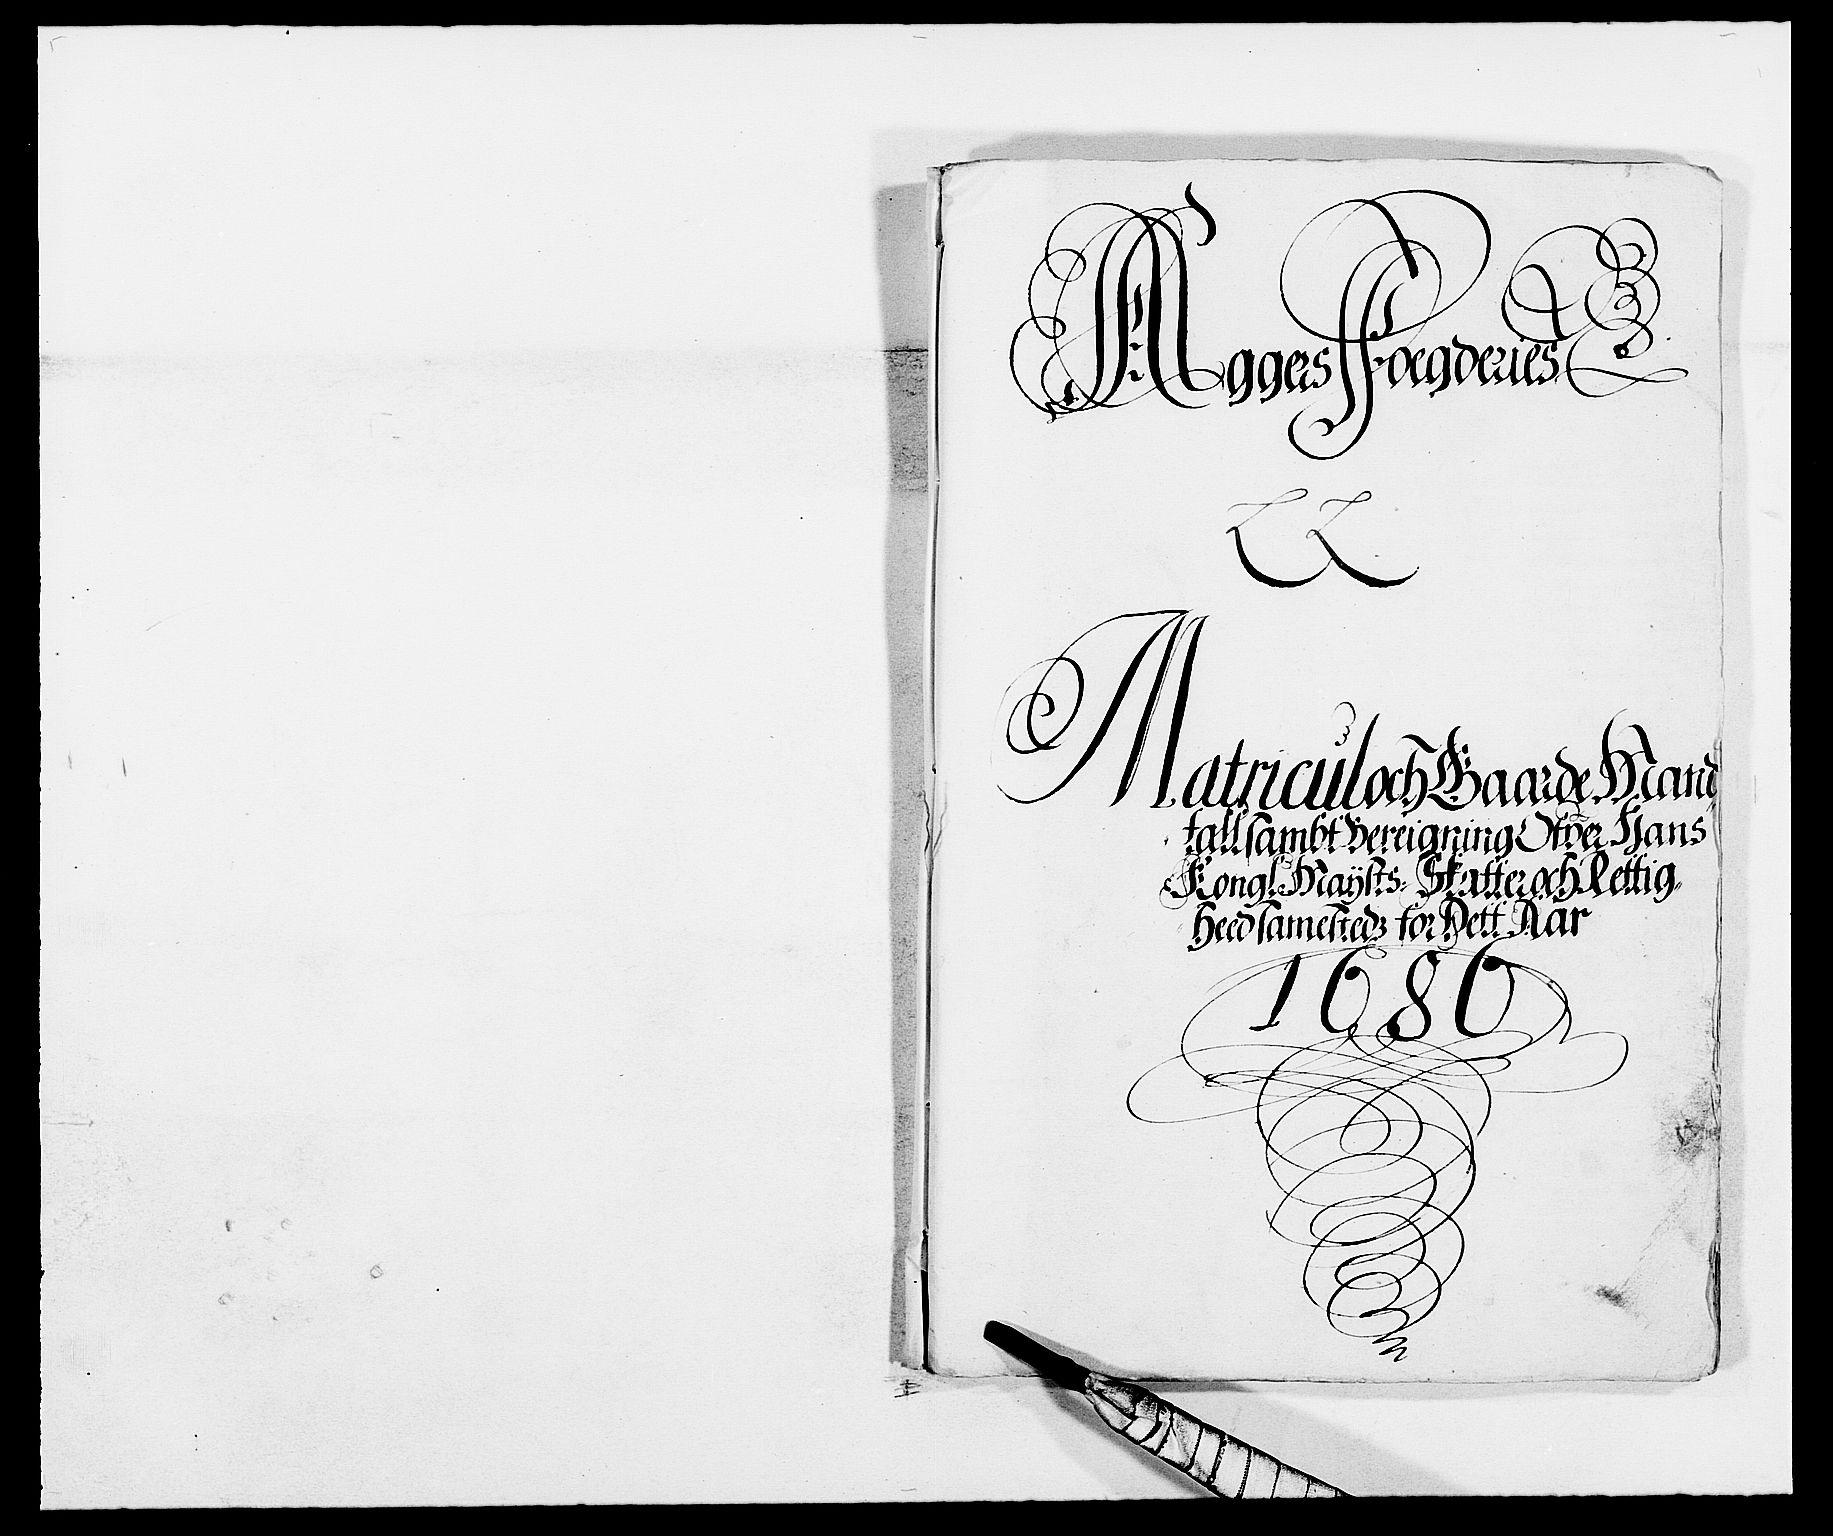 RA, Rentekammeret inntil 1814, Reviderte regnskaper, Fogderegnskap, R08/L0422: Fogderegnskap Aker, 1684-1686, s. 37